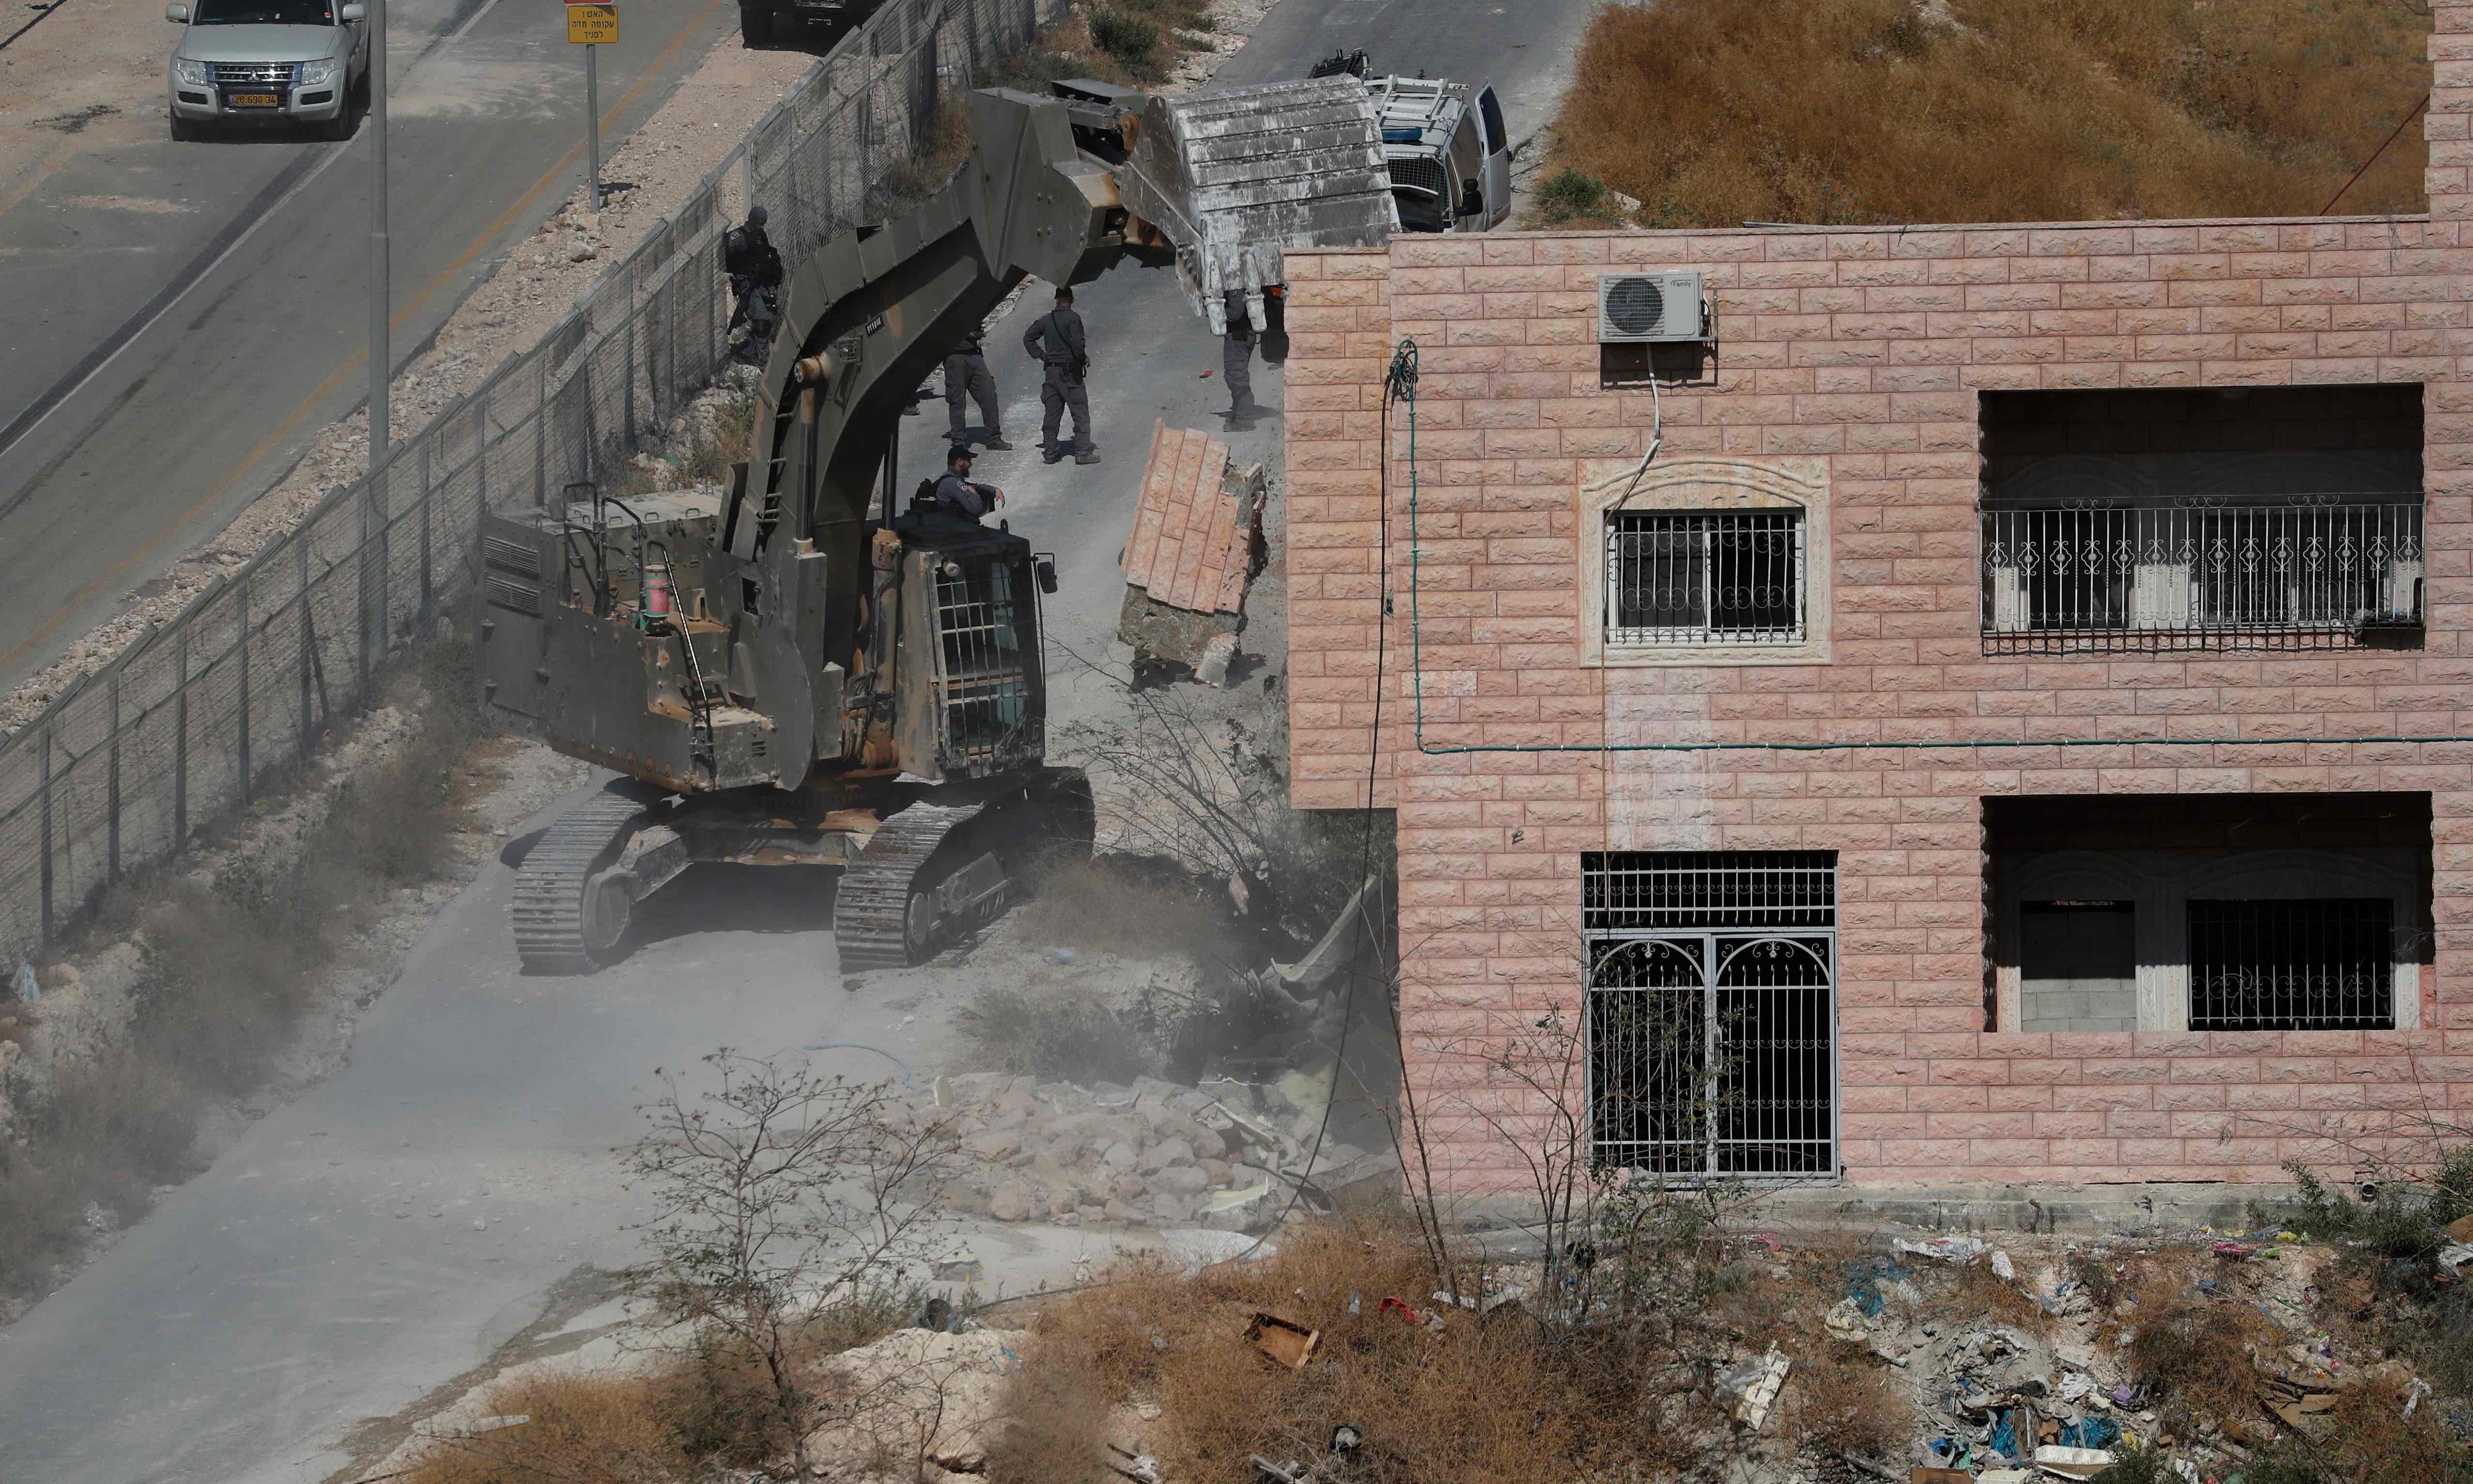 اسرائیلی سیکیورٹی فورسز عمارتوں کو مسمار کر رہی ہیں — فوٹو: اے ایف پی